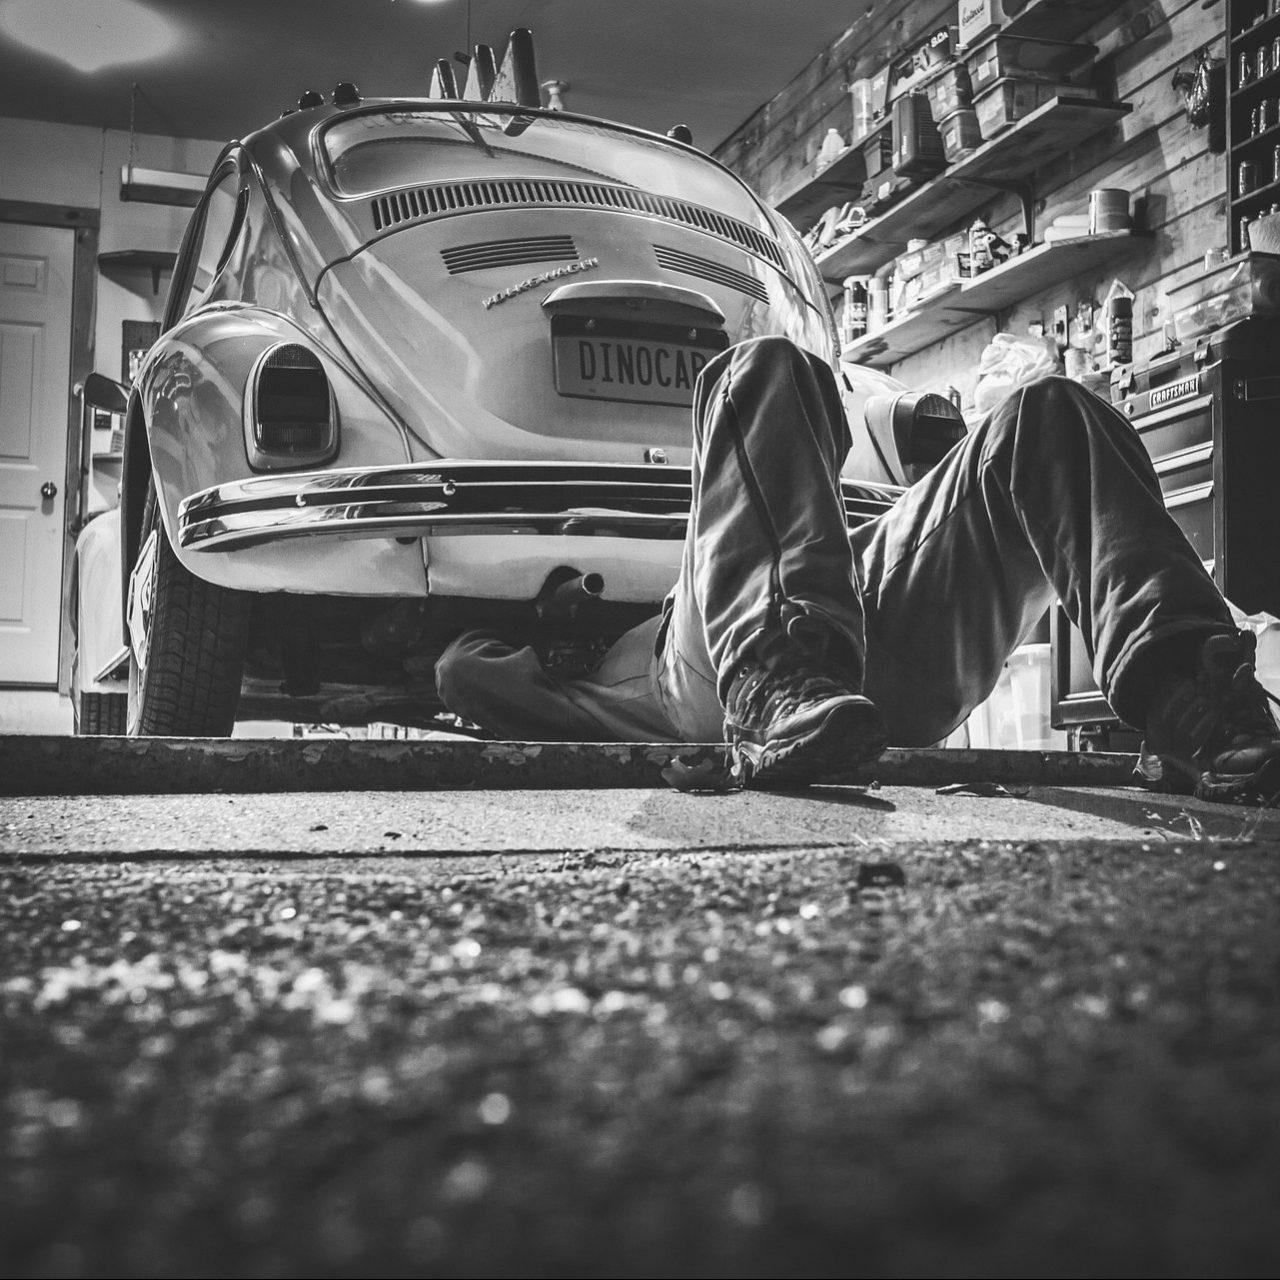 car-repair-362150_1920 (1)